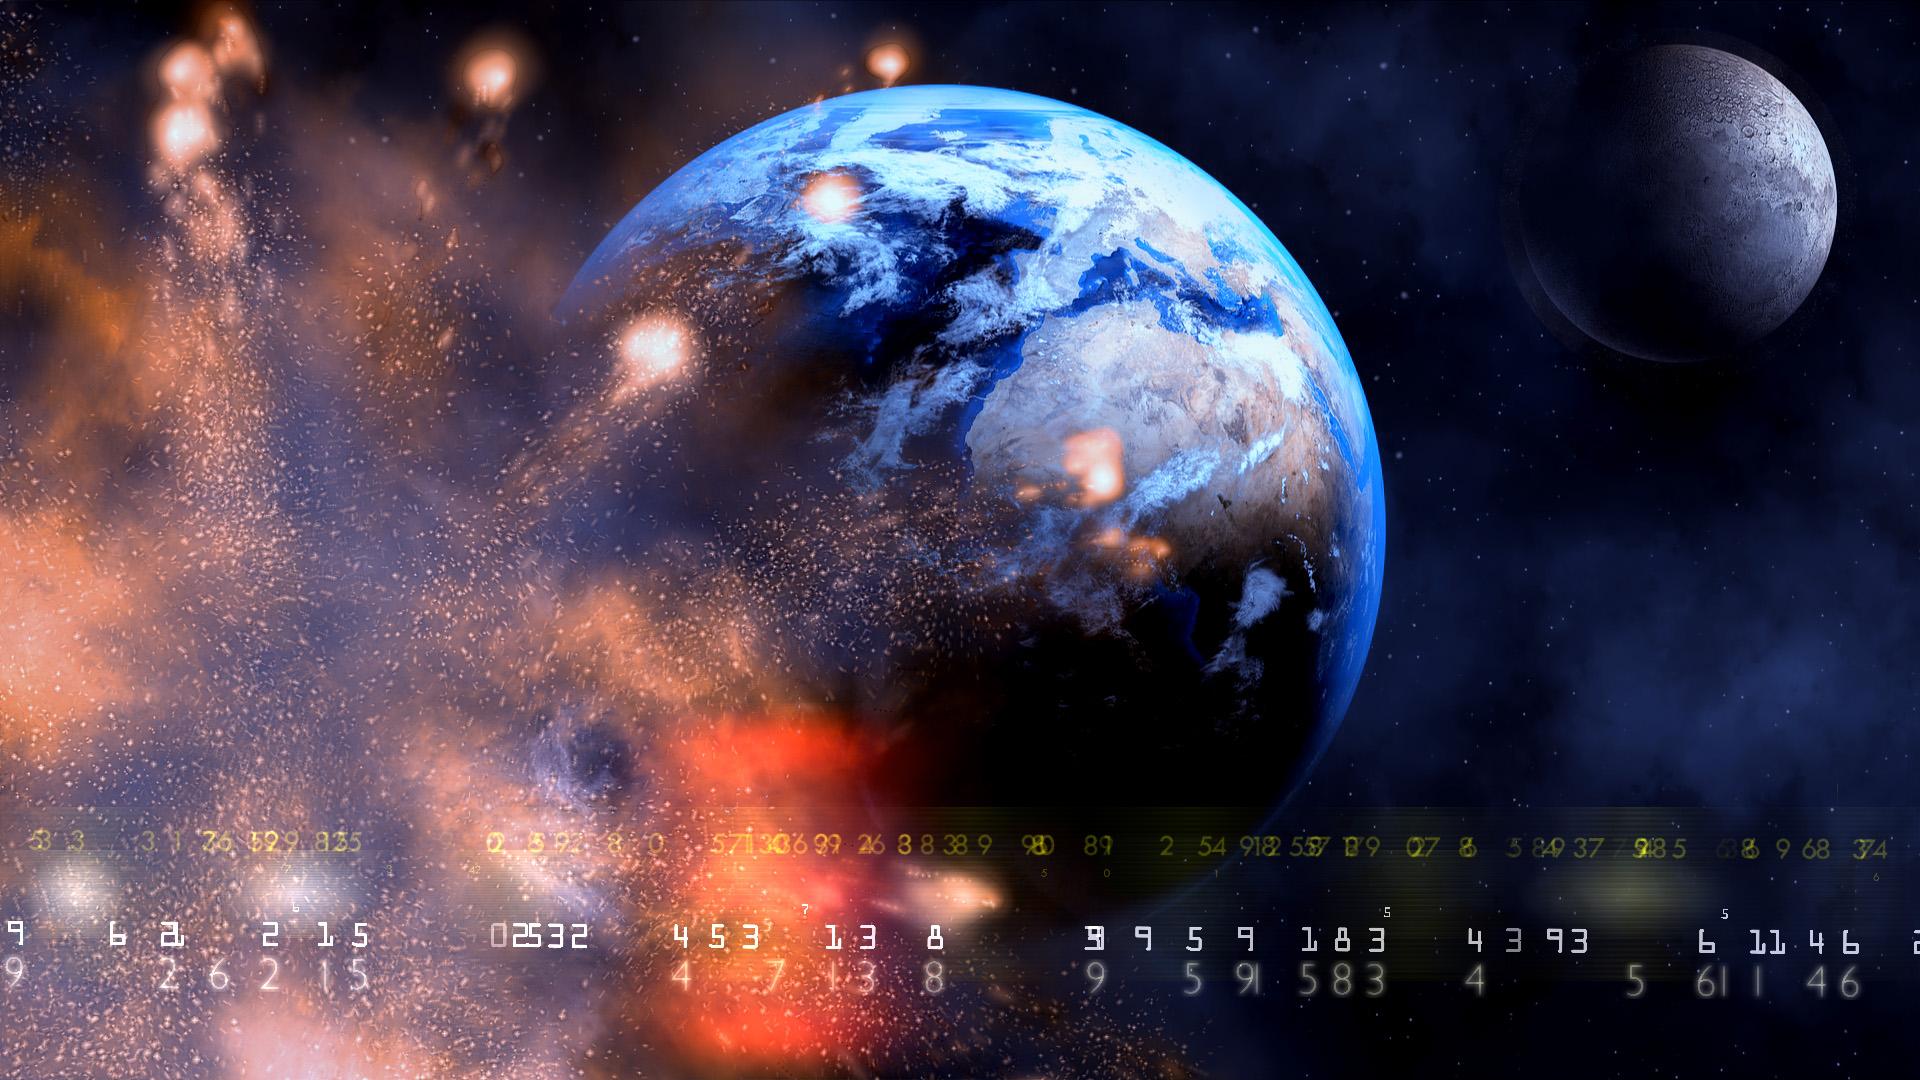 Continuum 2019 - Particle Illusion image